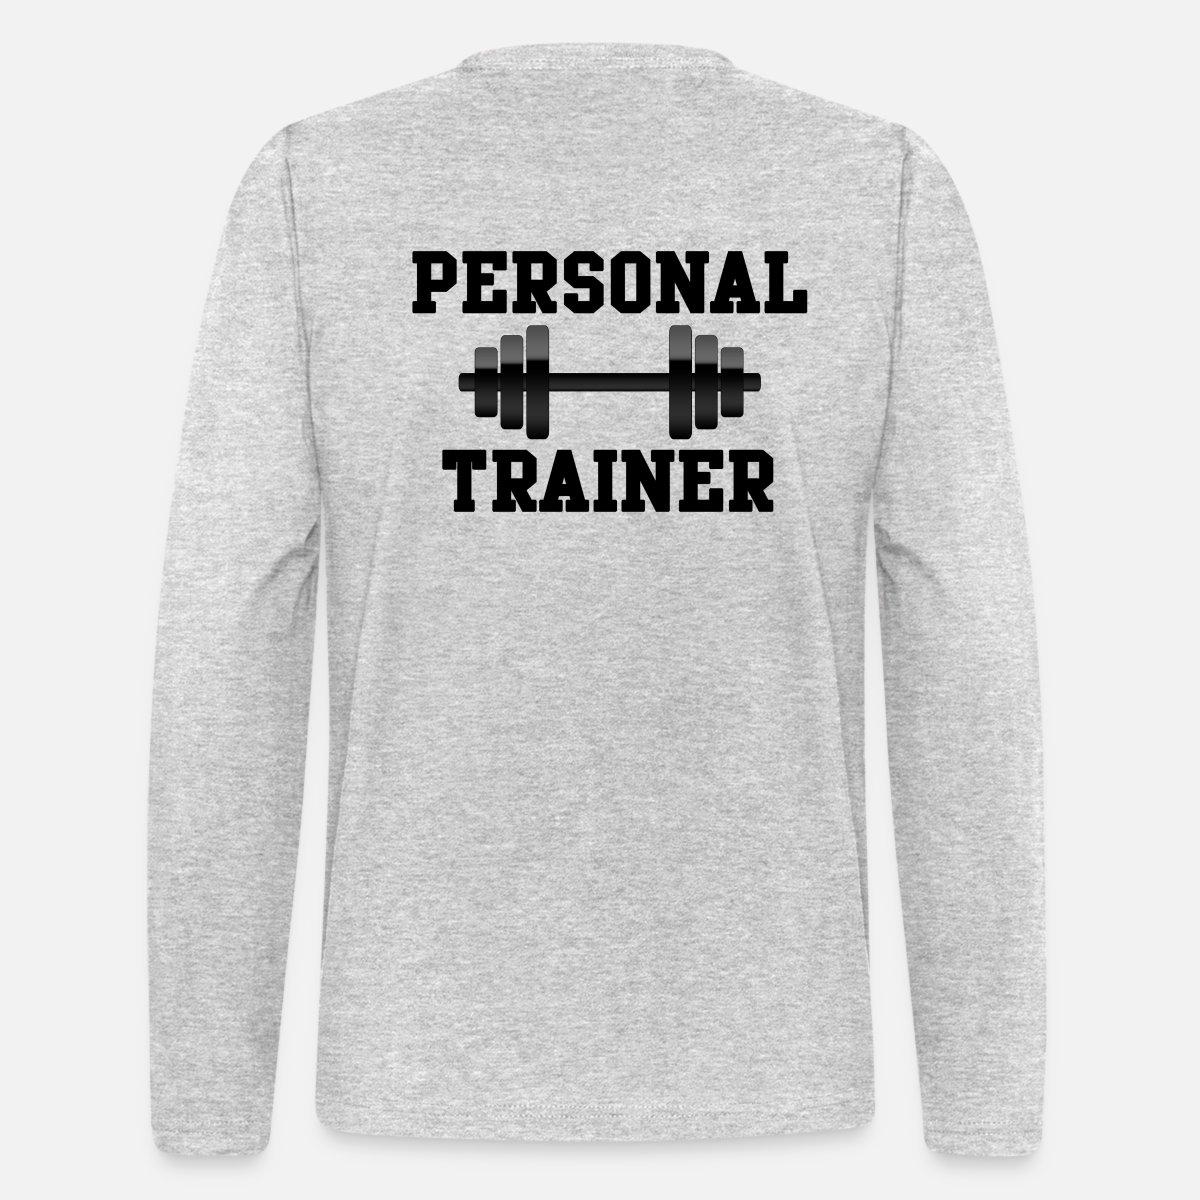 9aee357c7 Mens Personal Training Shirts | Kuenzi Turf & Nursery